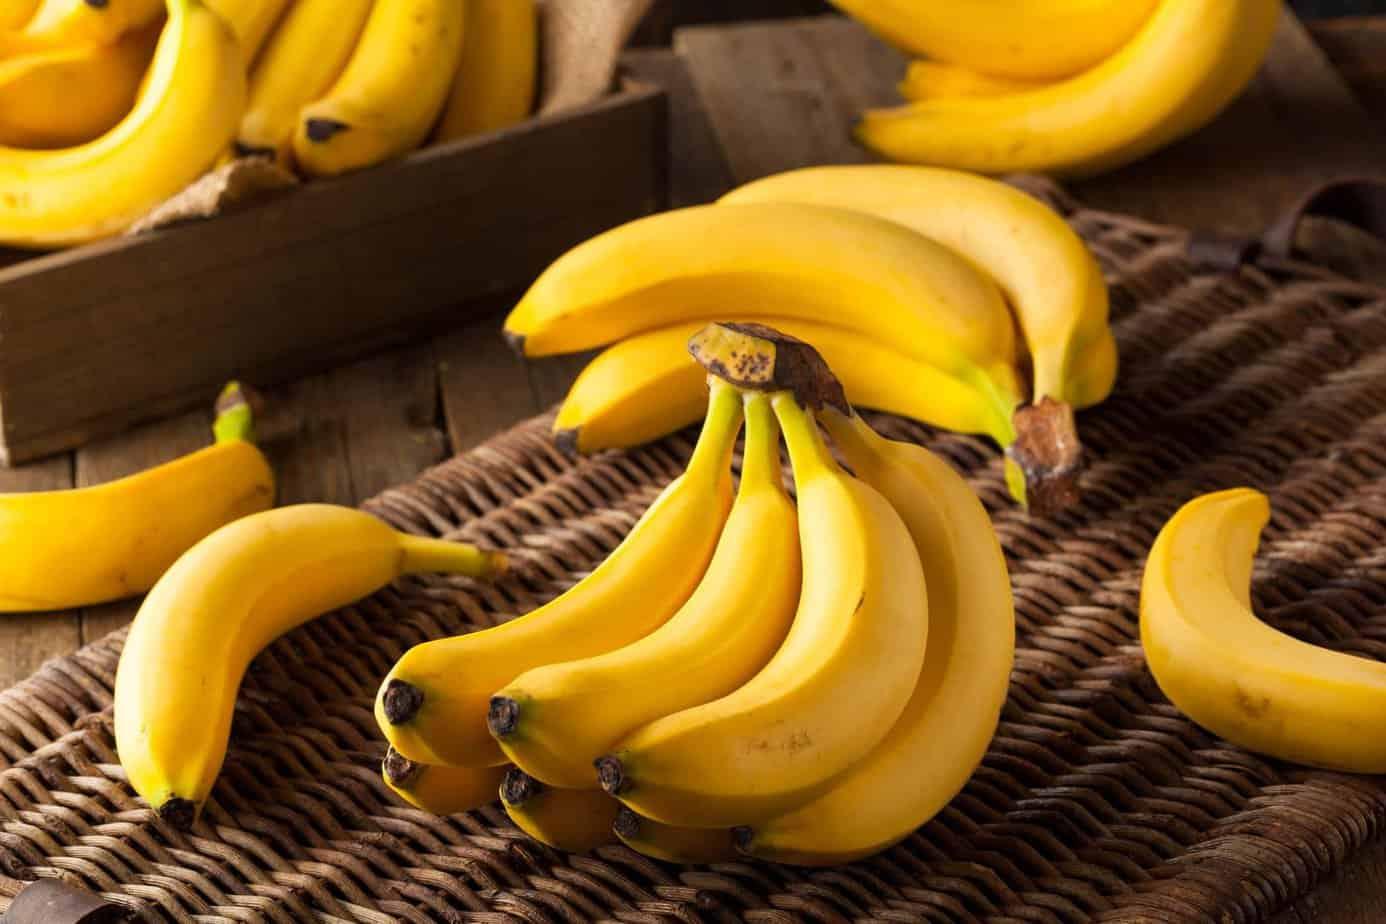 Top 05 Loại Trái Cây Giúp Cải Thiện Trình Trạng Loãng Xương Ở Người Cao Tuổi - trái cây giúp cải thiện loãng xương ở người cao tuổi - bệnh loãng xương | Cam và chanh | Chuối 17